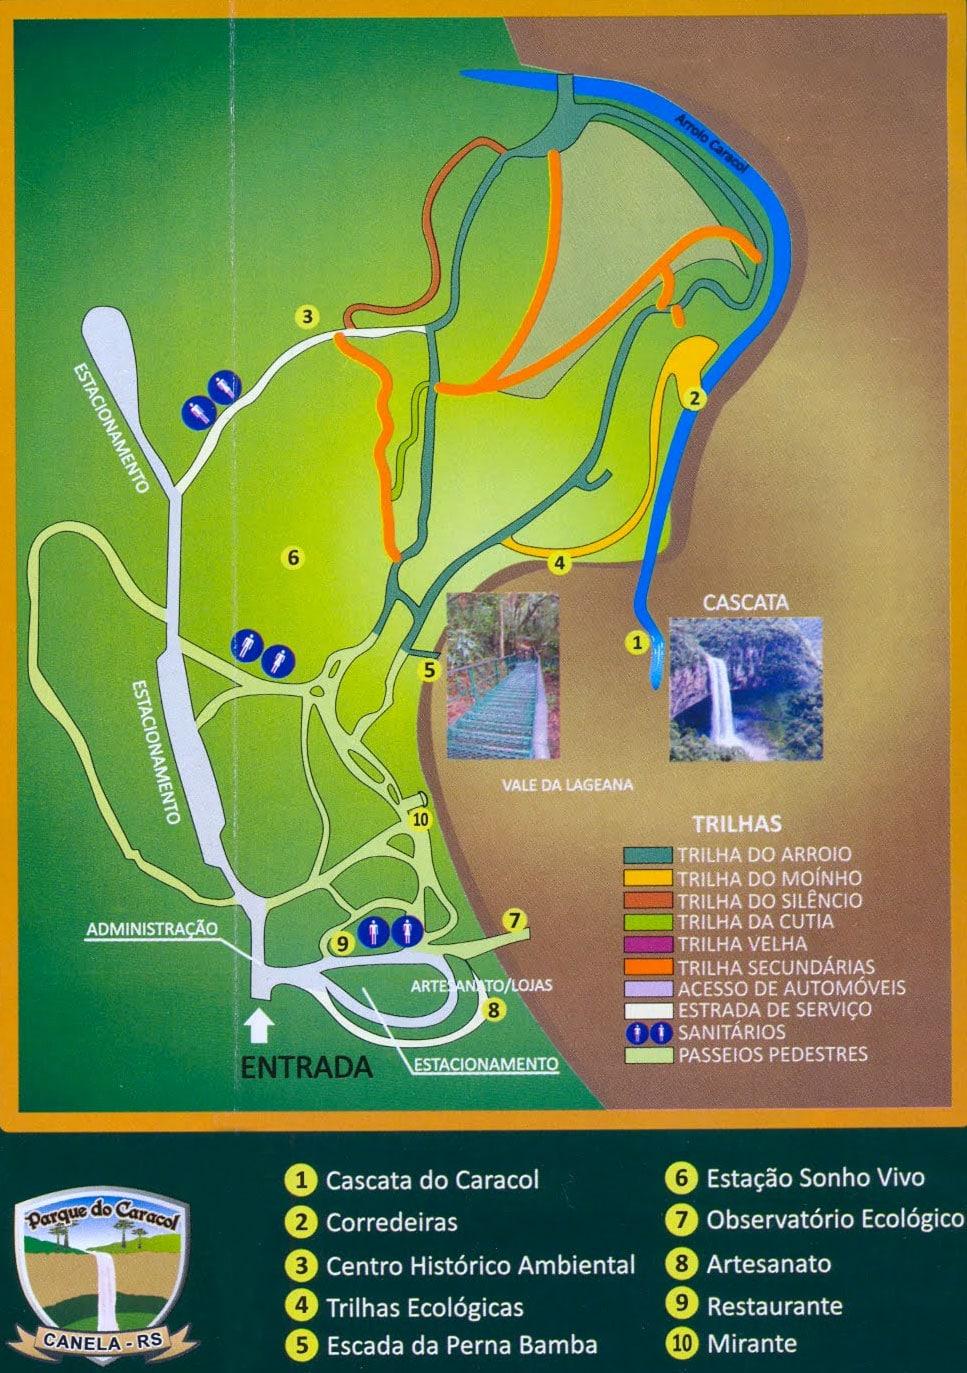 Mapa Trilhas Parque do Caracol